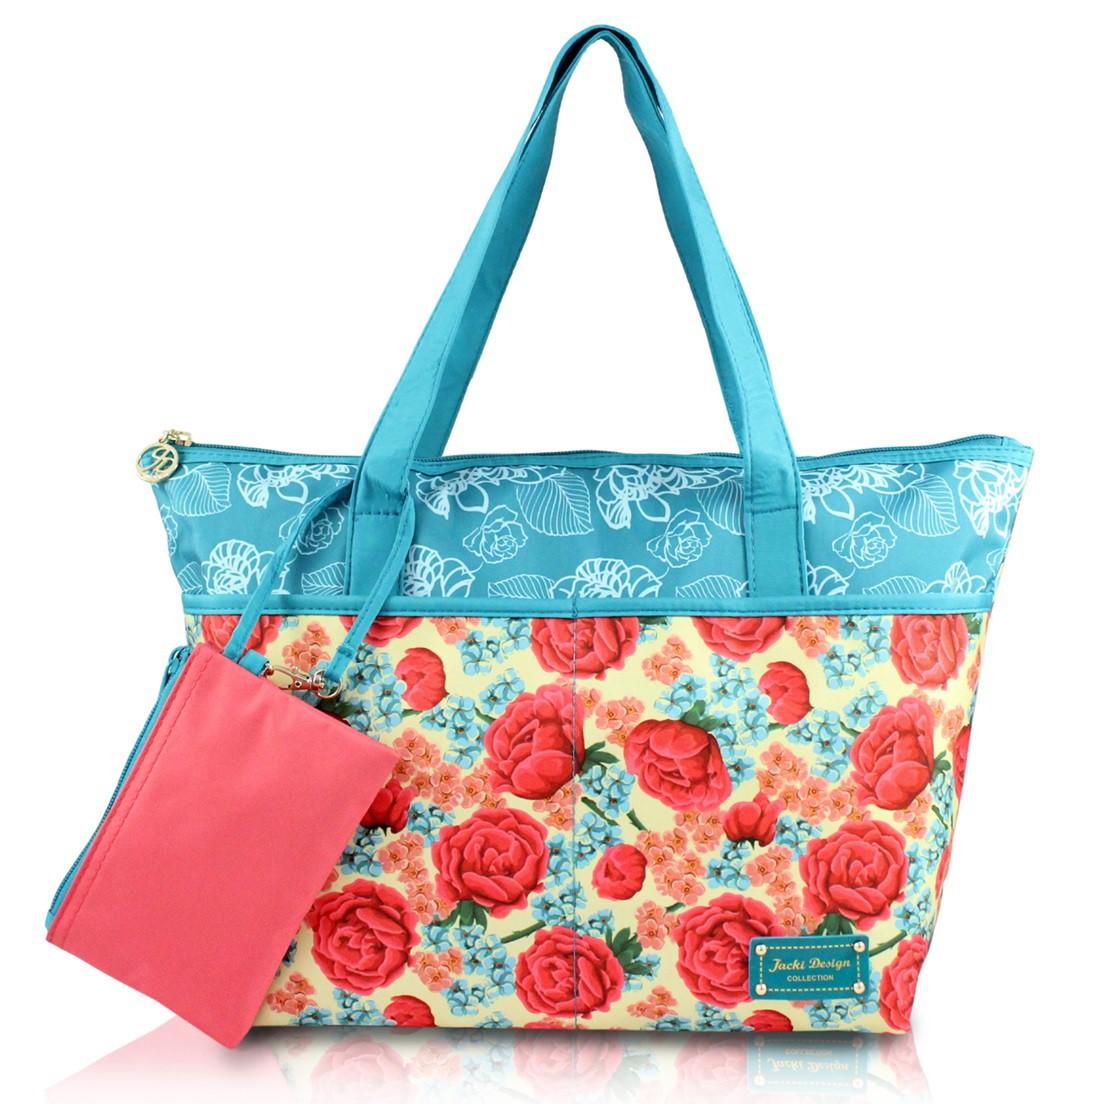 Bolsa com Niqueleira Jacki Design Miss Cherie